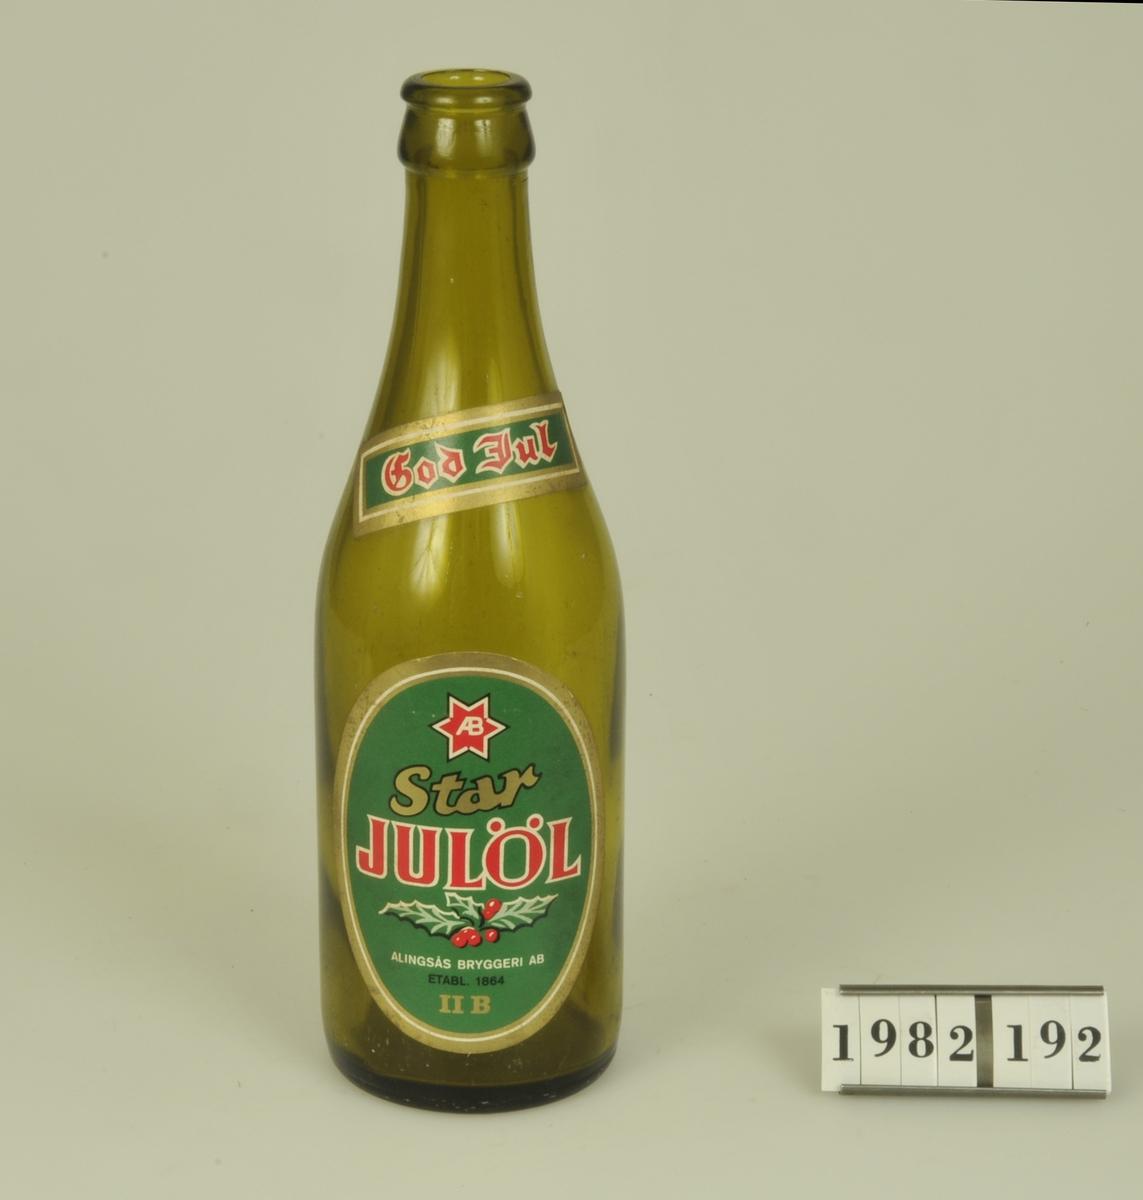 """Av brunt glas.  Etikett med grön botten och röd och guldfärgad text - """"Star Julöl Alingsås Bryggeri AB. Etabl. 1864 II B""""."""